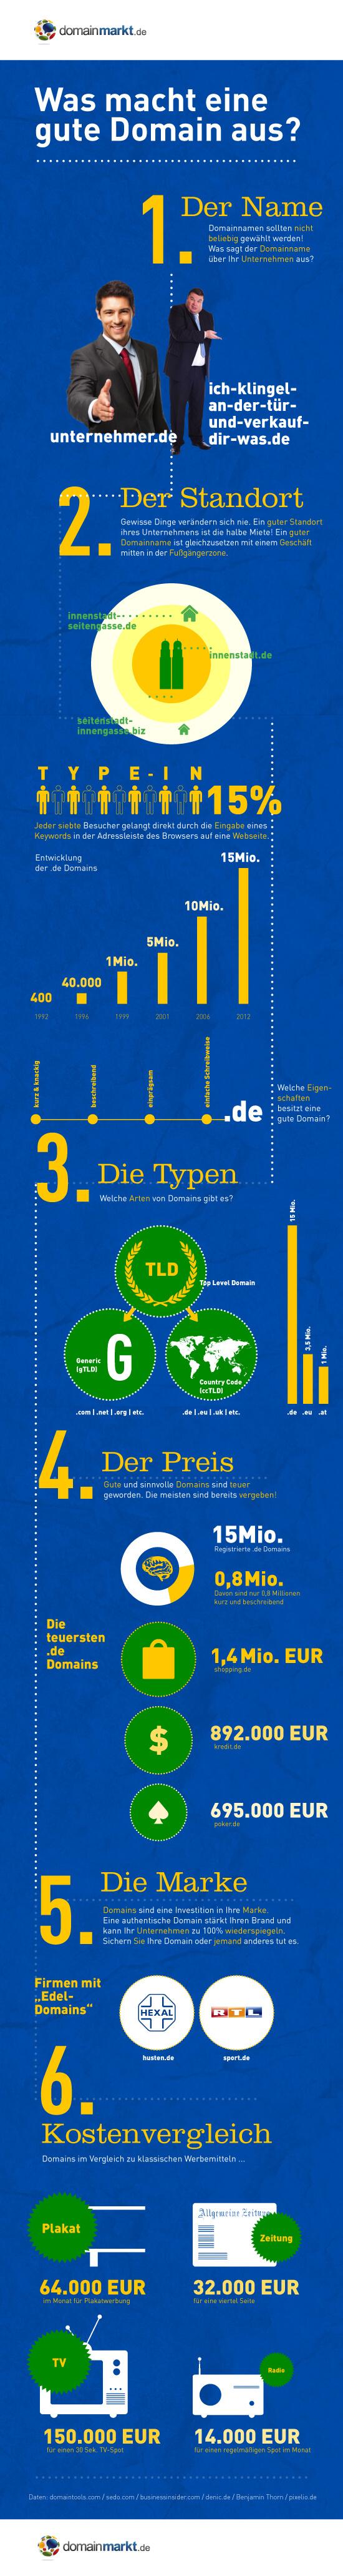 Erfolg durch Online-Marketing: So erstellen Sie eine gute Domain! [Infografik]